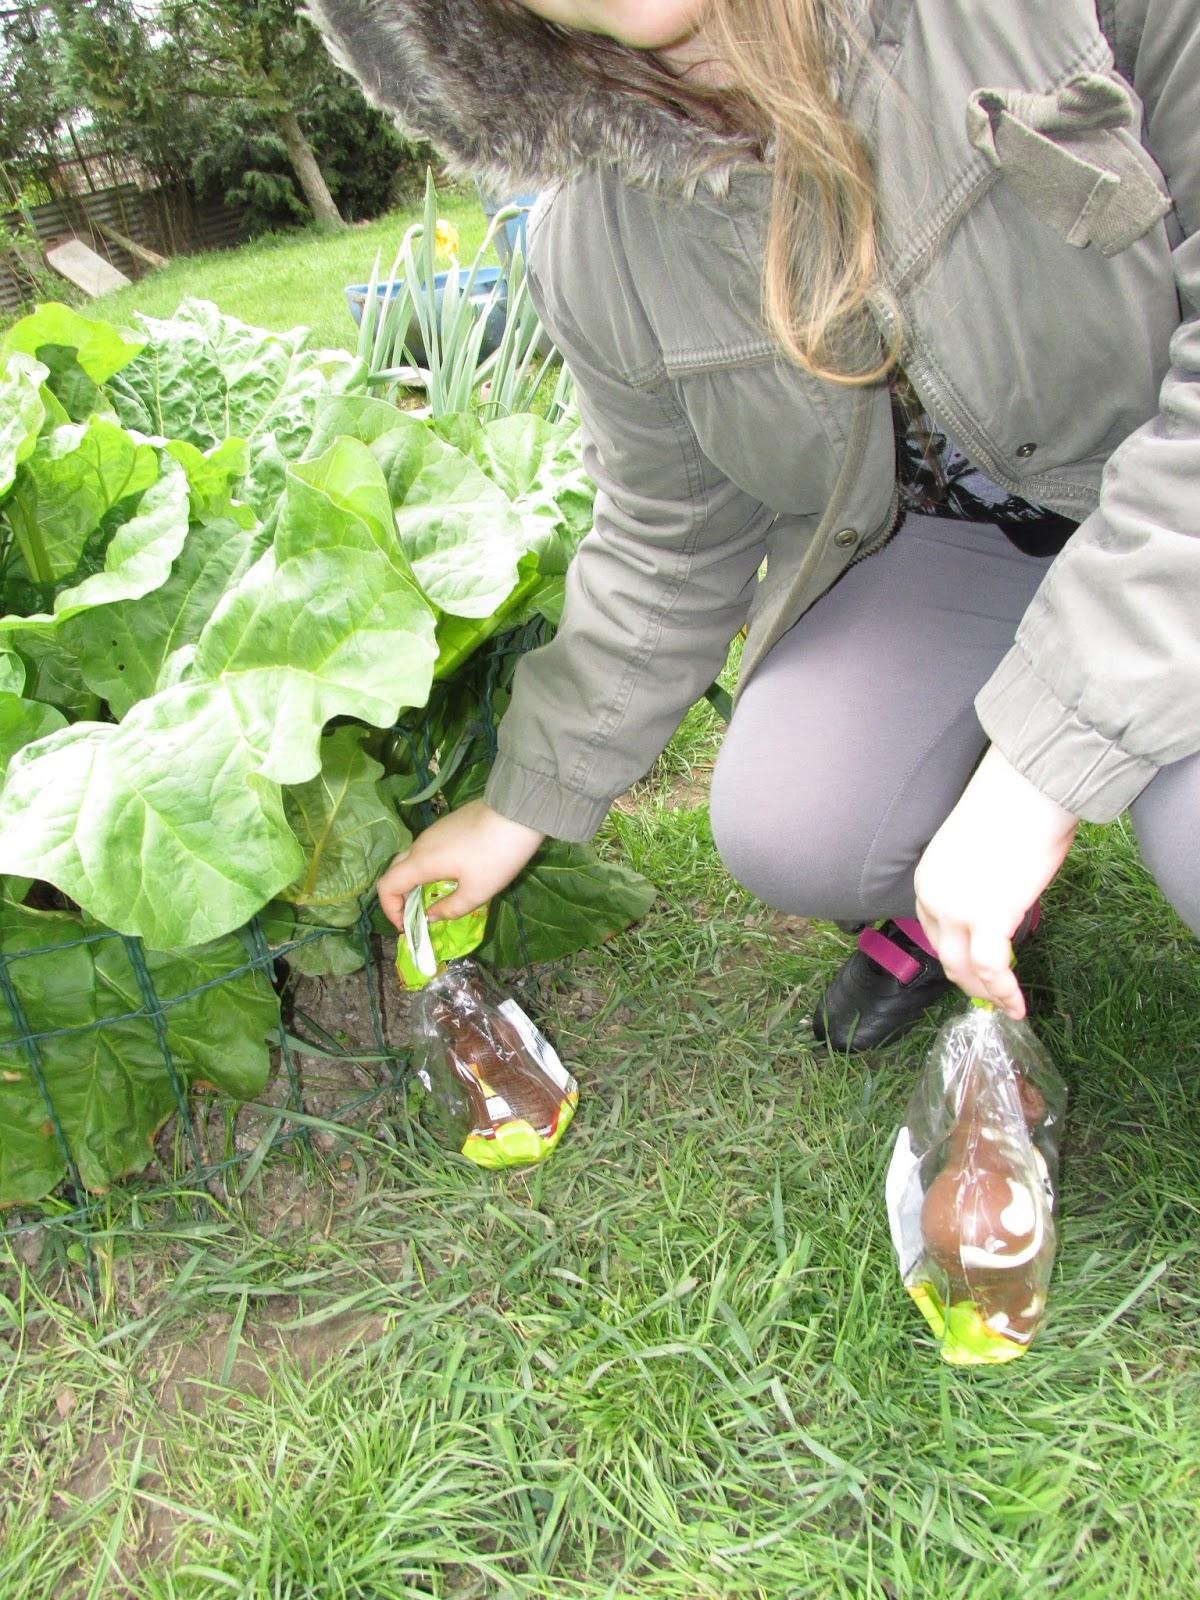 Fleur et lumi re les cloches sont pass es dans le jardin de papy et mamie lucie partie la - Mamie baise dans le jardin ...